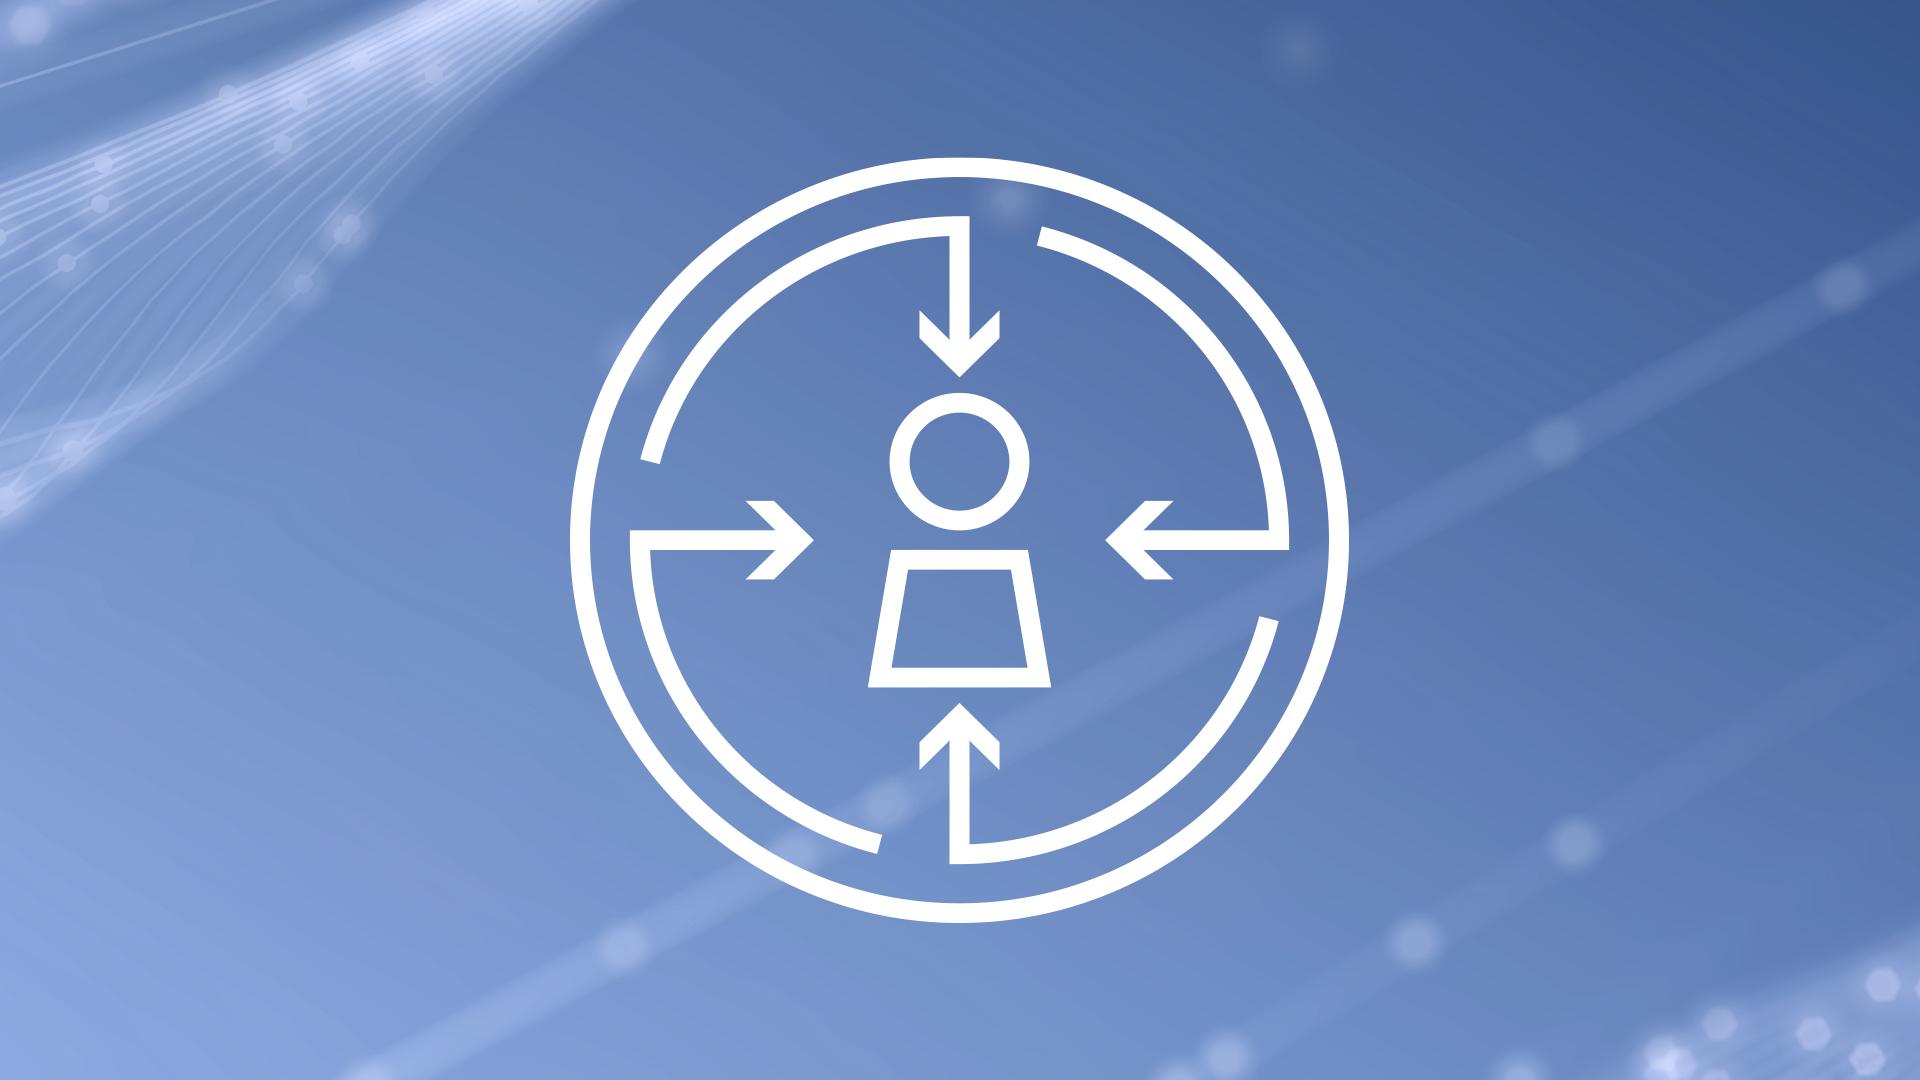 了解腾讯如何基于 Merlin GPU 推荐系统框架建构广告系统